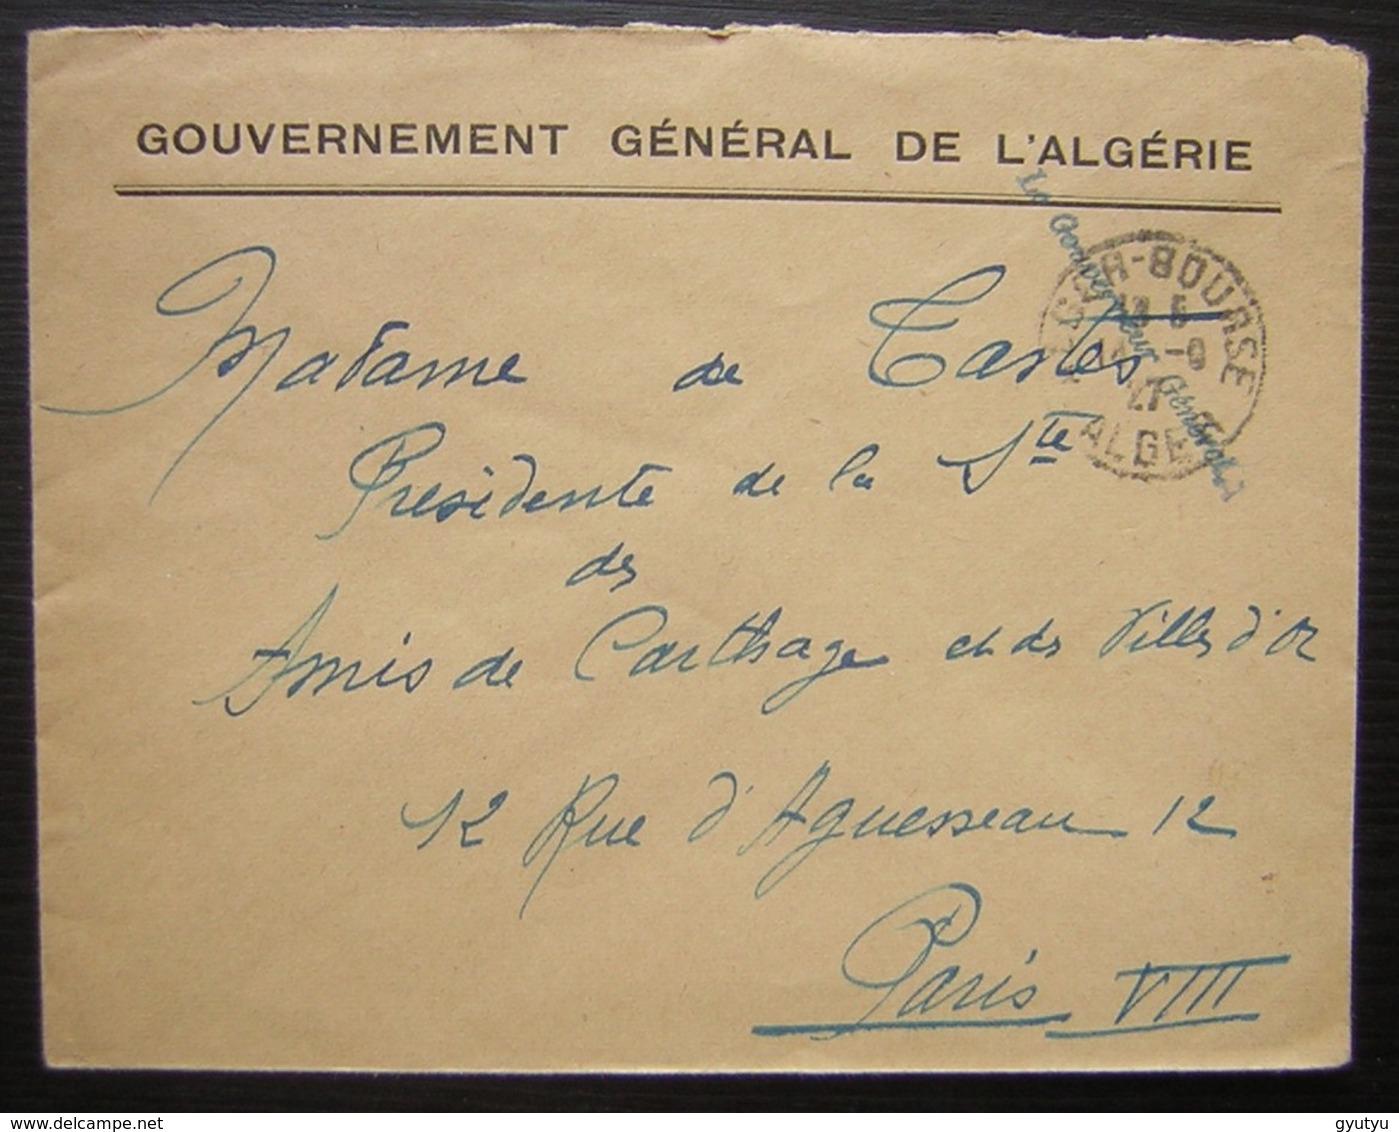 Algérie 1927 Gouvernement Général De L'Algérie, Griffe Le Gouverneur Général Direction De L'intérieur 2eme Bureau Revers - Algerien (1924-1962)